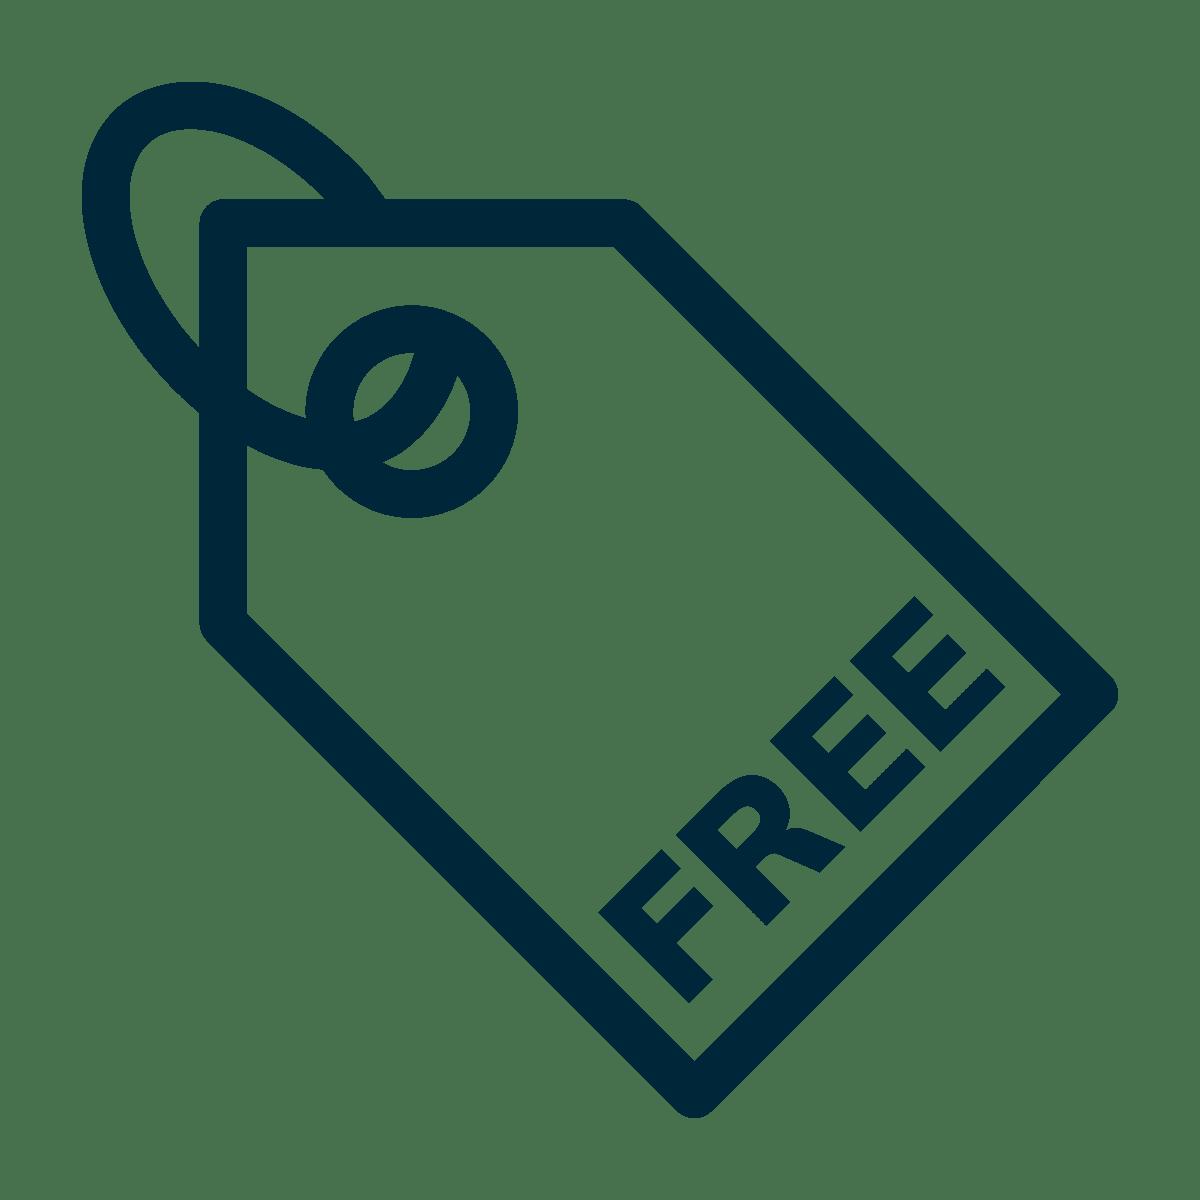 Accesso gratuito